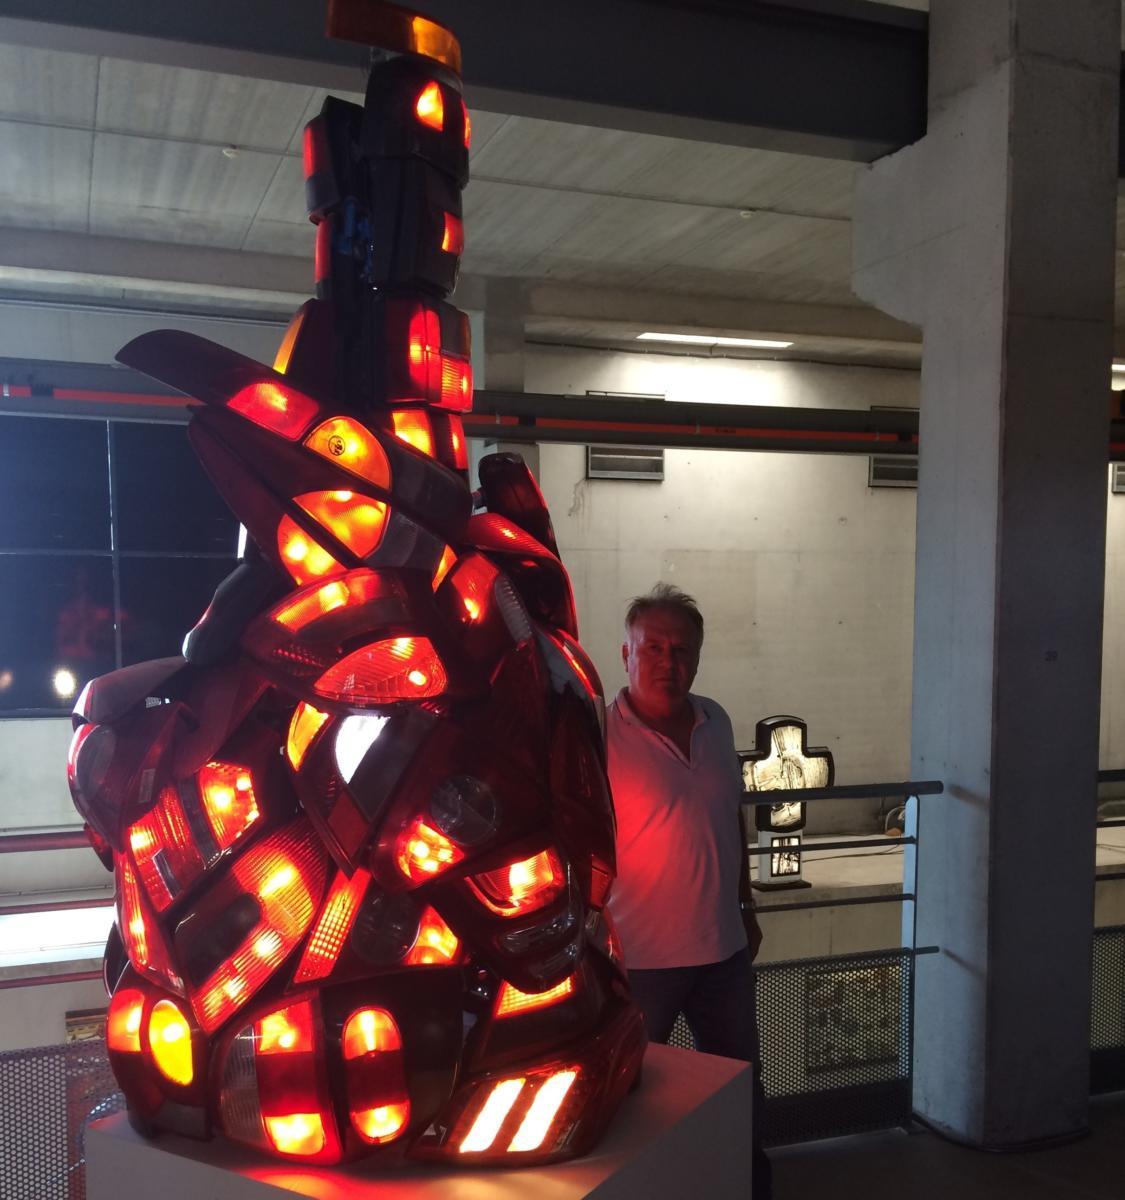 27-07-18 L'artiste Patrick CHAPPERT GAUJAL expose à l'Aspirateur à Narbonne